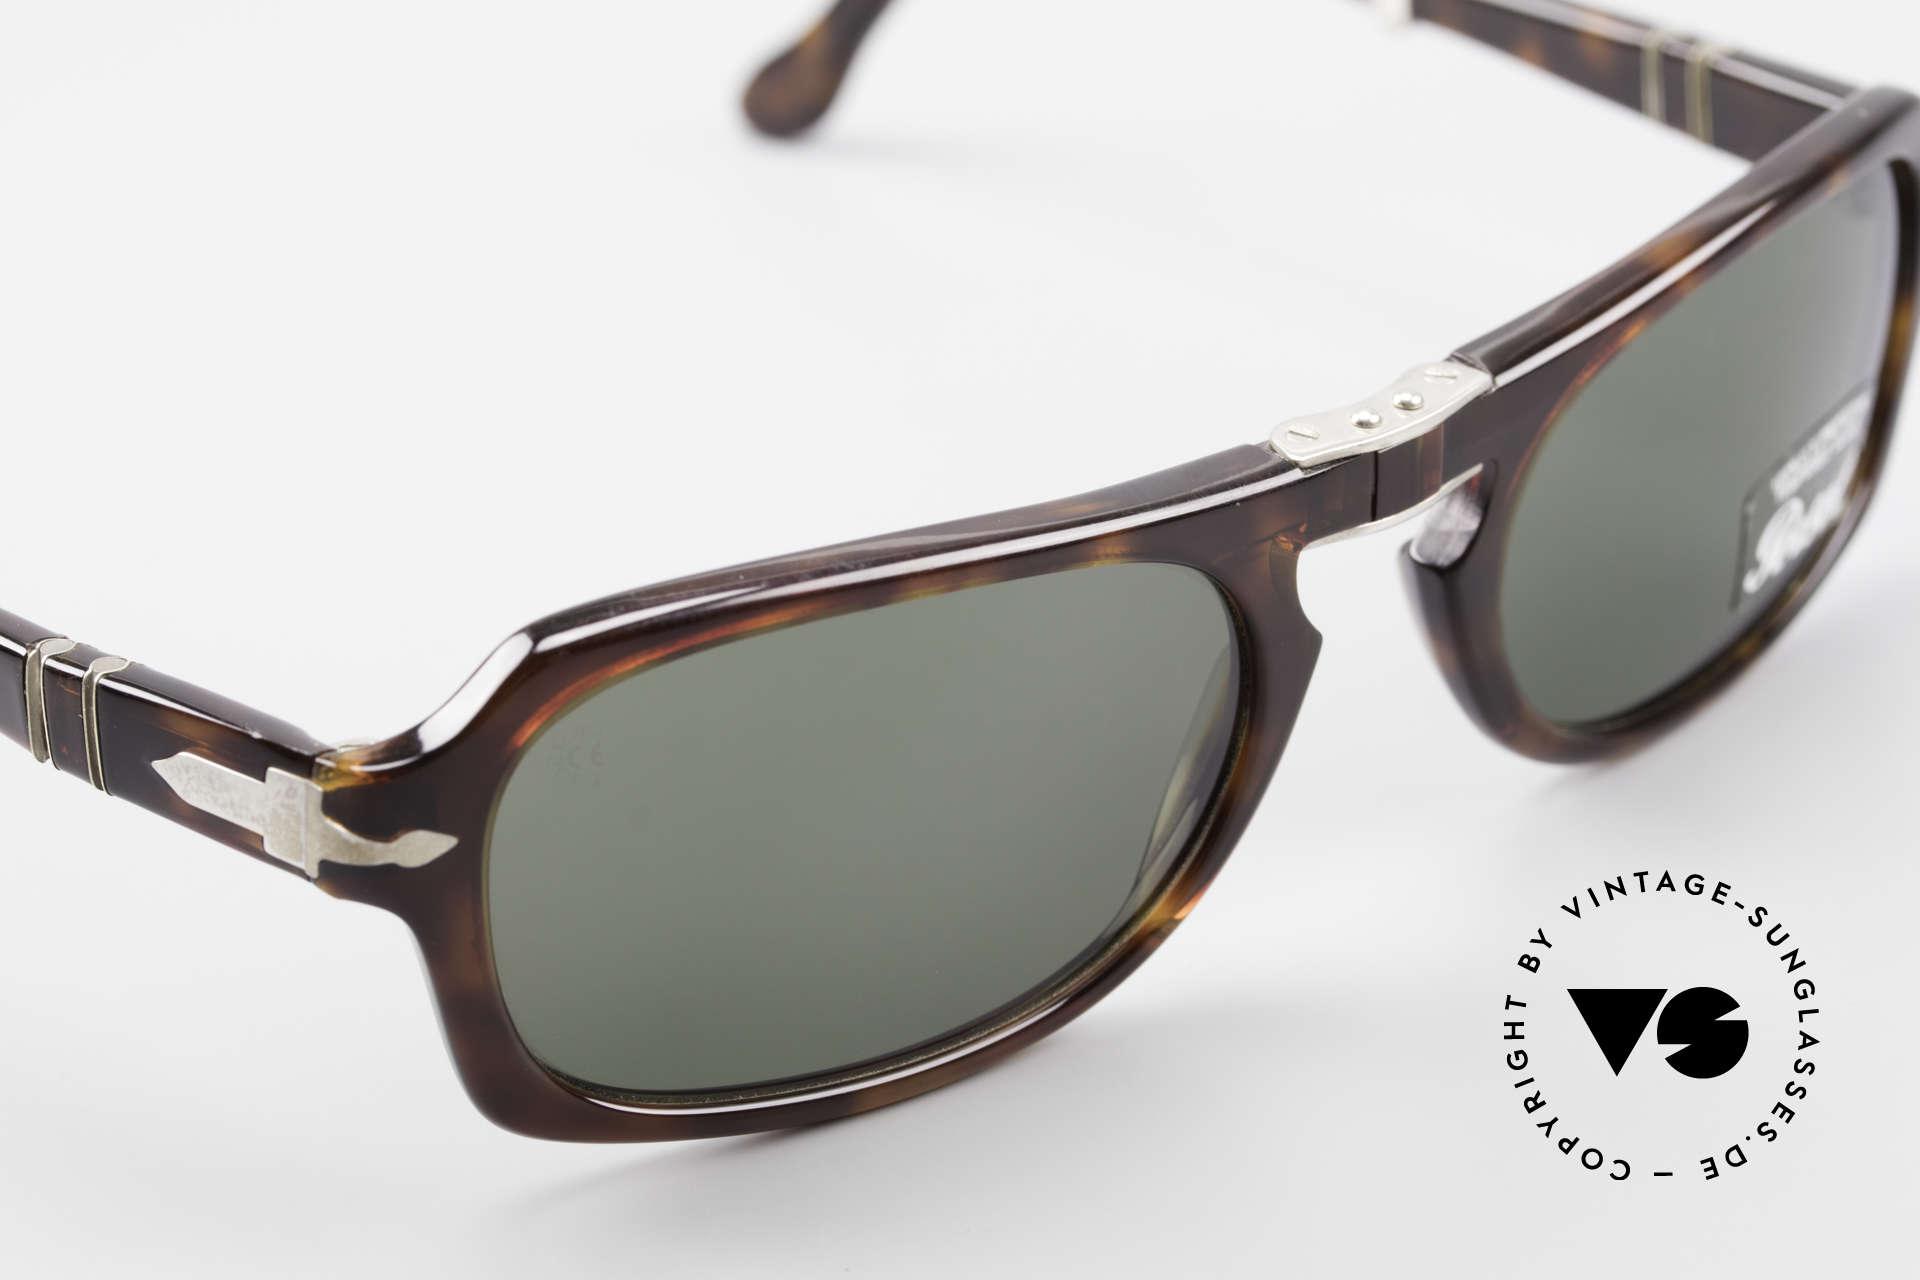 Persol 2621 Folding Faltbare Sonnenbrille Herren, daher jetzt erstmalig auch in unserem vintage Sortiment, Passend für Herren